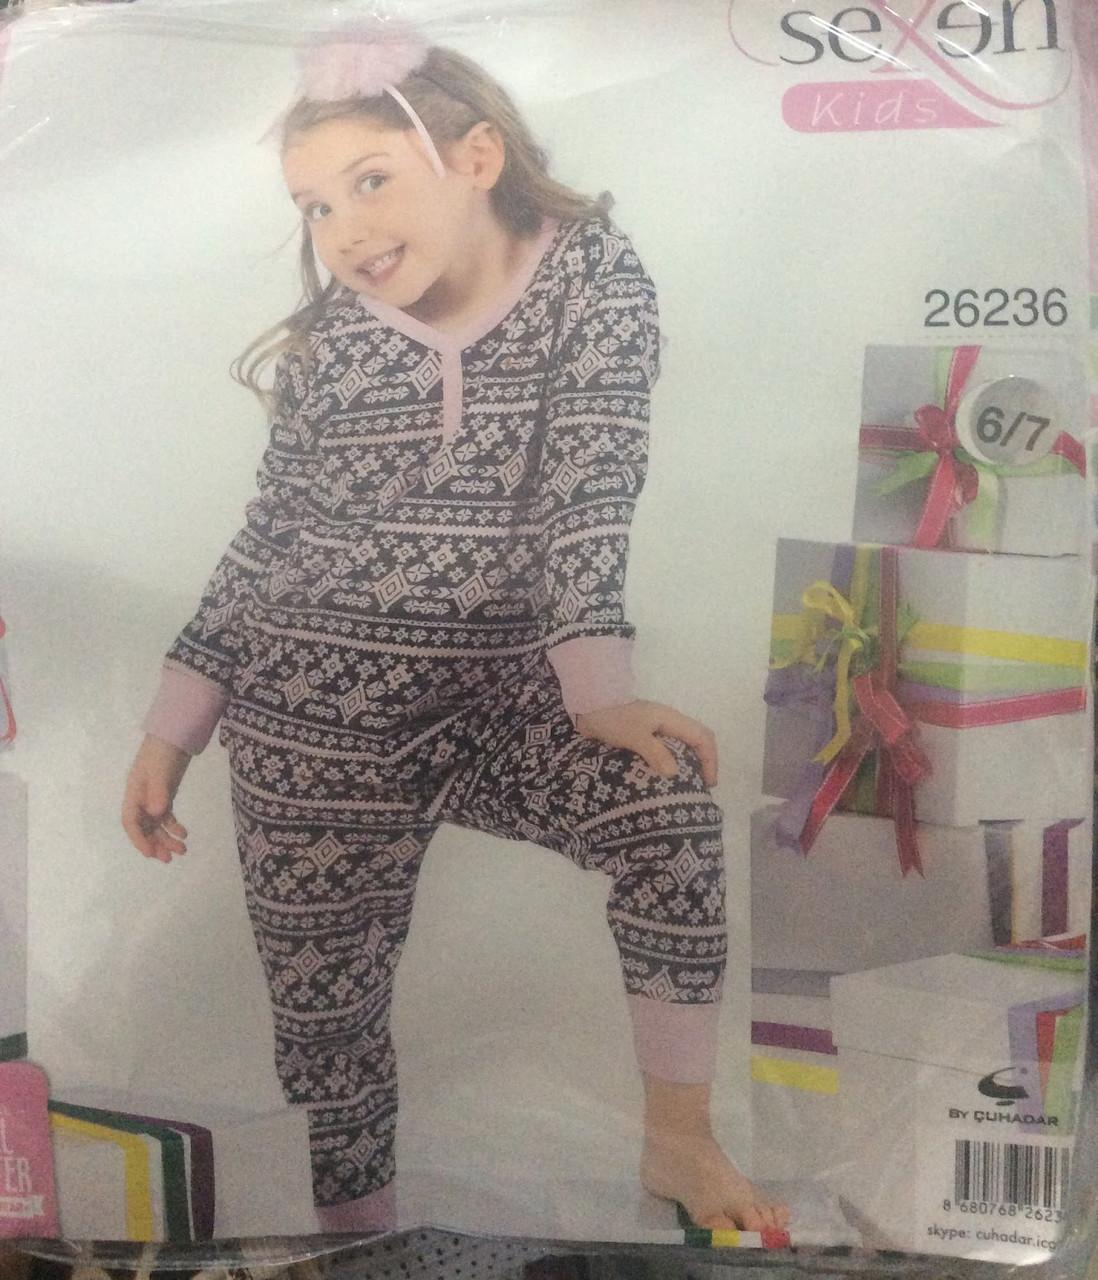 Дитяча піжама для дівчинки Sexen